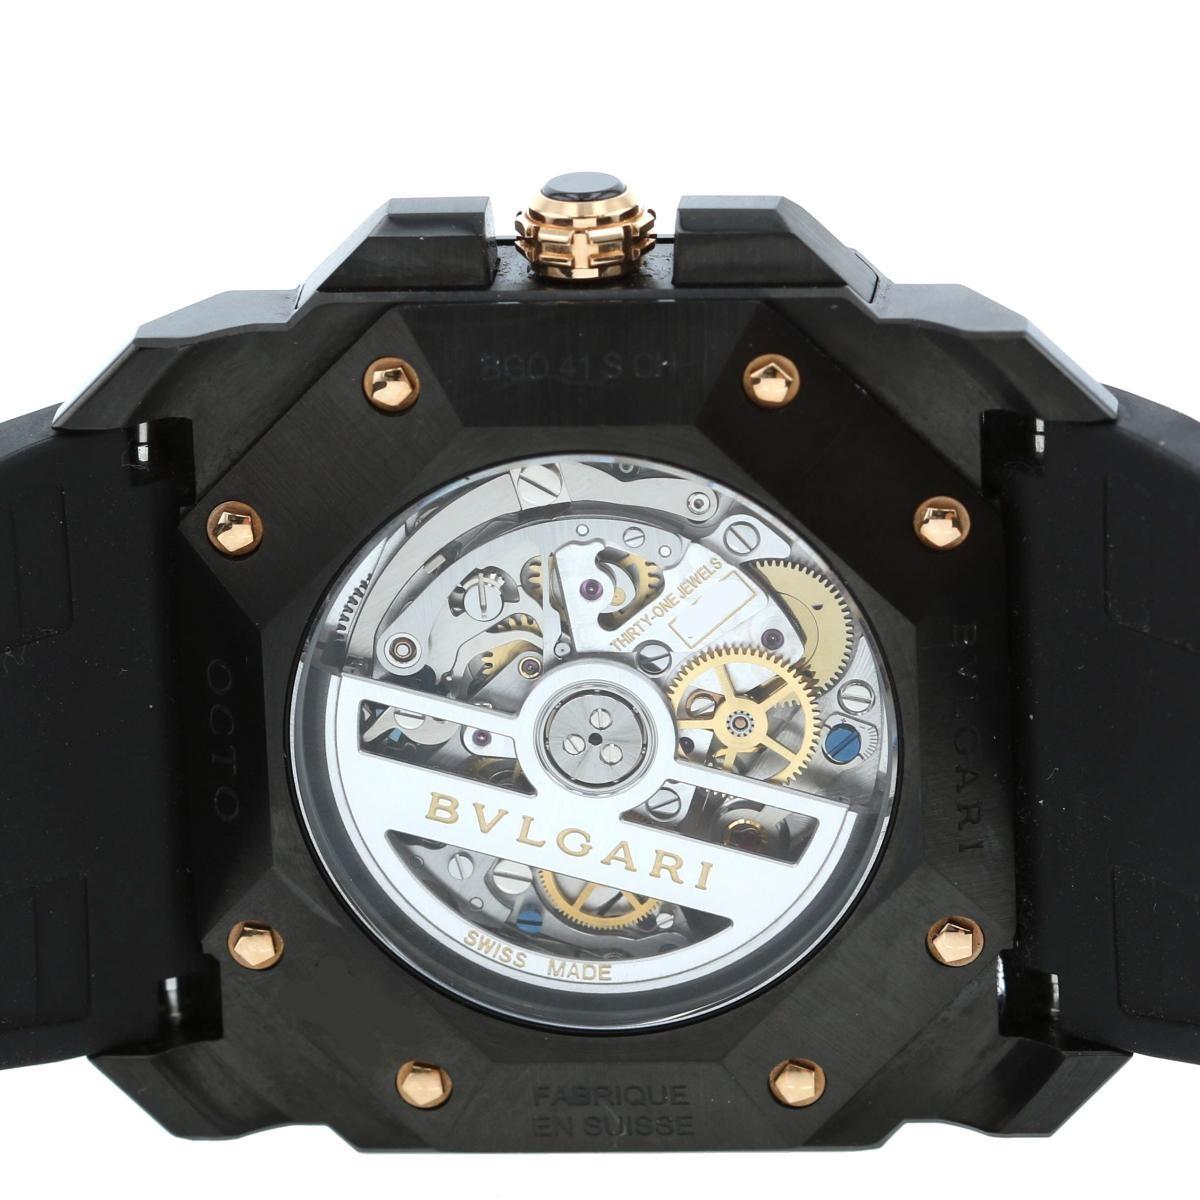 【即日発送・水曜翌日発送】【中古】 BVLGARI (ブルガリ) オクト ウルトラネロ クロノグラフ 時計 自動巻き/メンズ OCTO/オクト Black/ブラック BGO41BBSVDCH used:B